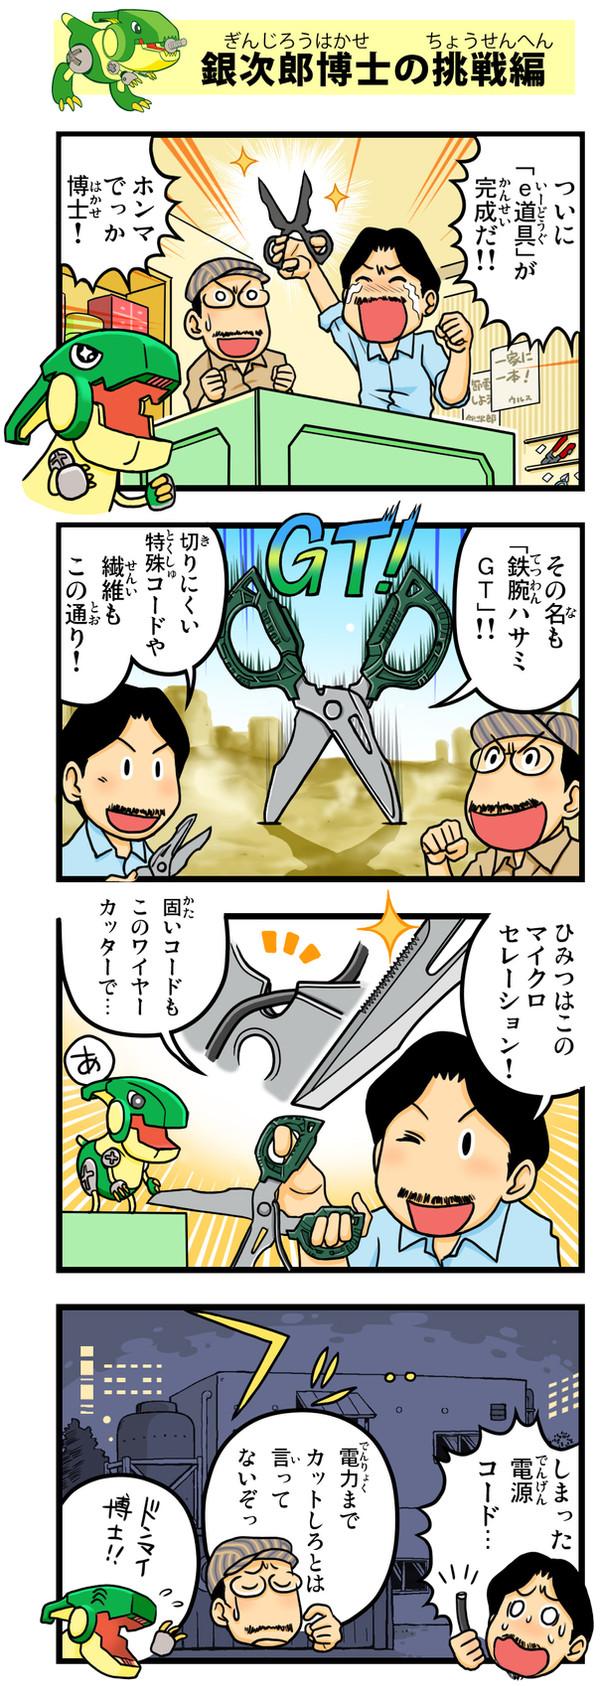 15話「銀次郎博士の挑戦編」RGB.jpg